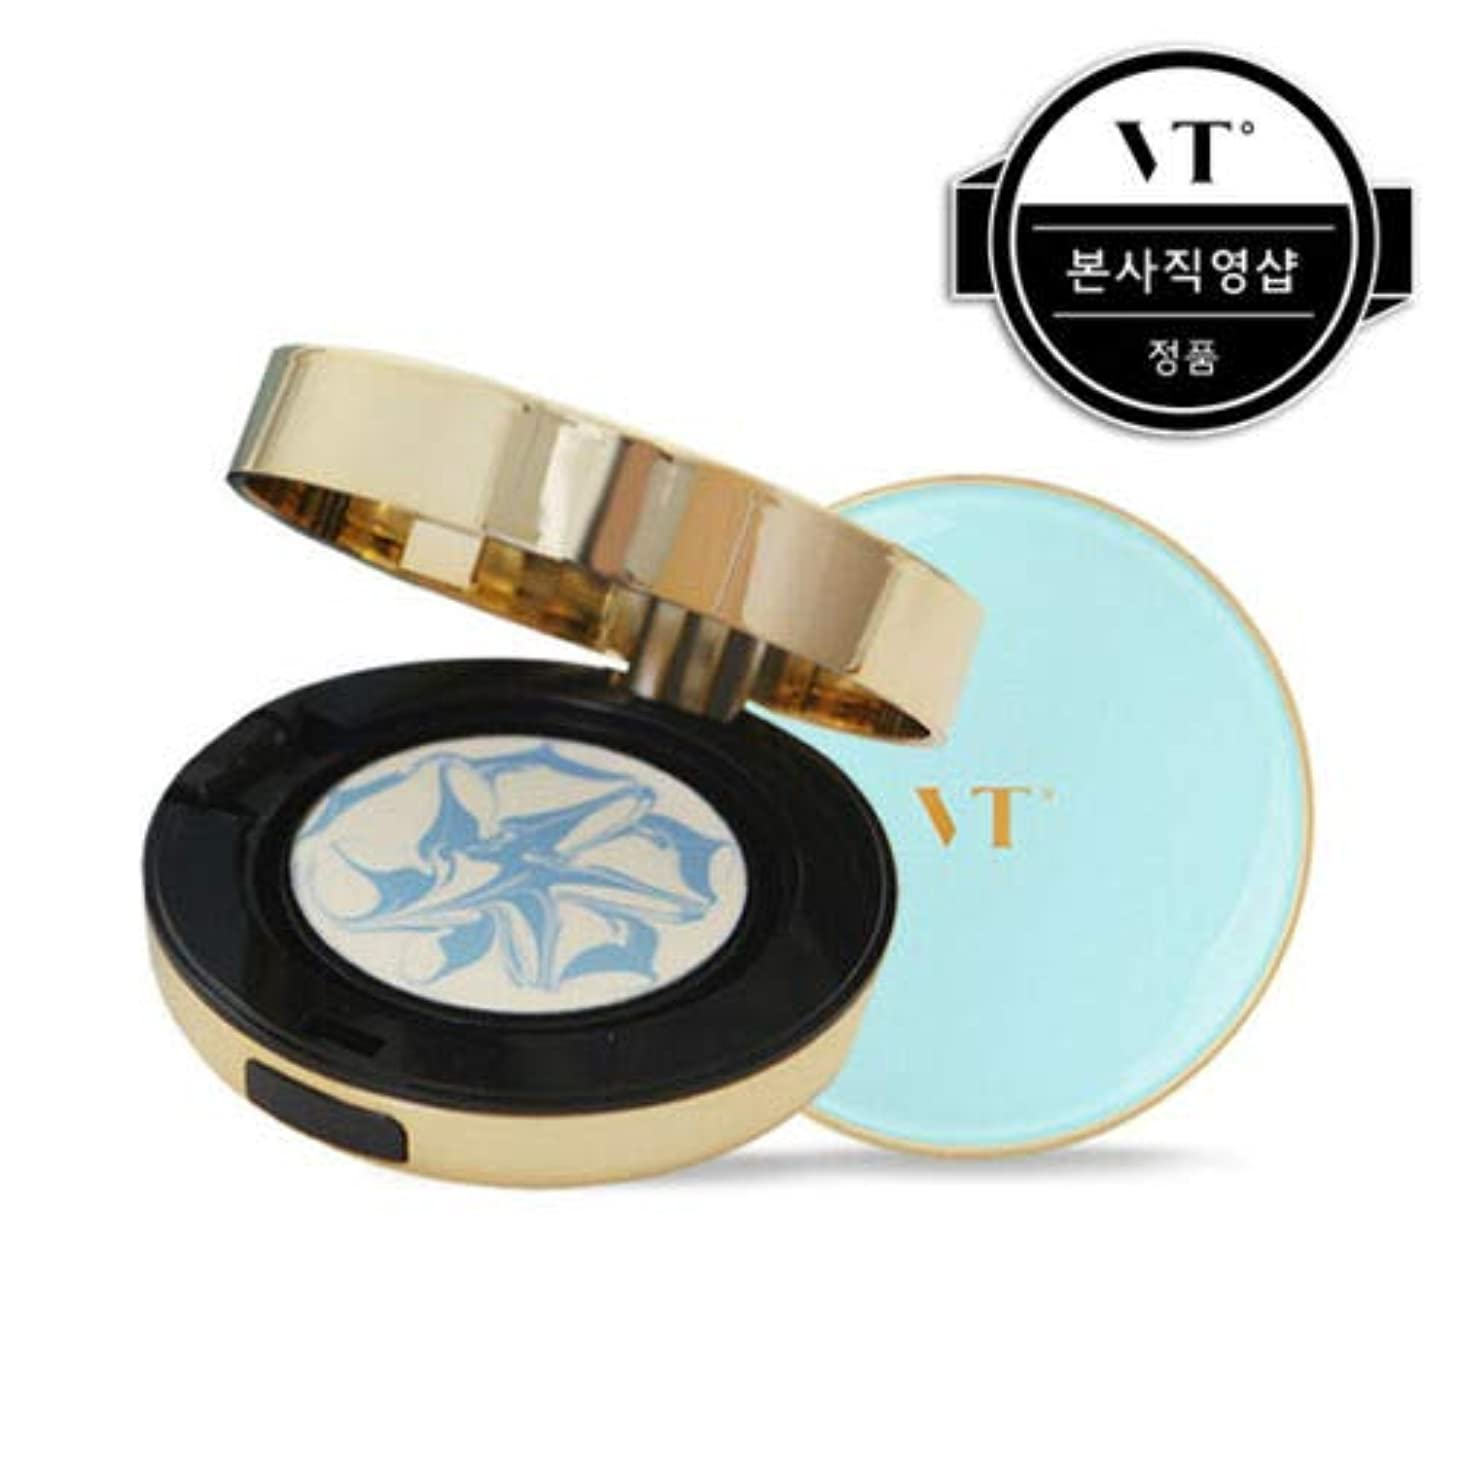 艦隊できた憂鬱VT Cosmetic Essence Sun Pact エッセンス サン パクト 本品11g + リフィール 11g, SPF50+/PA+++